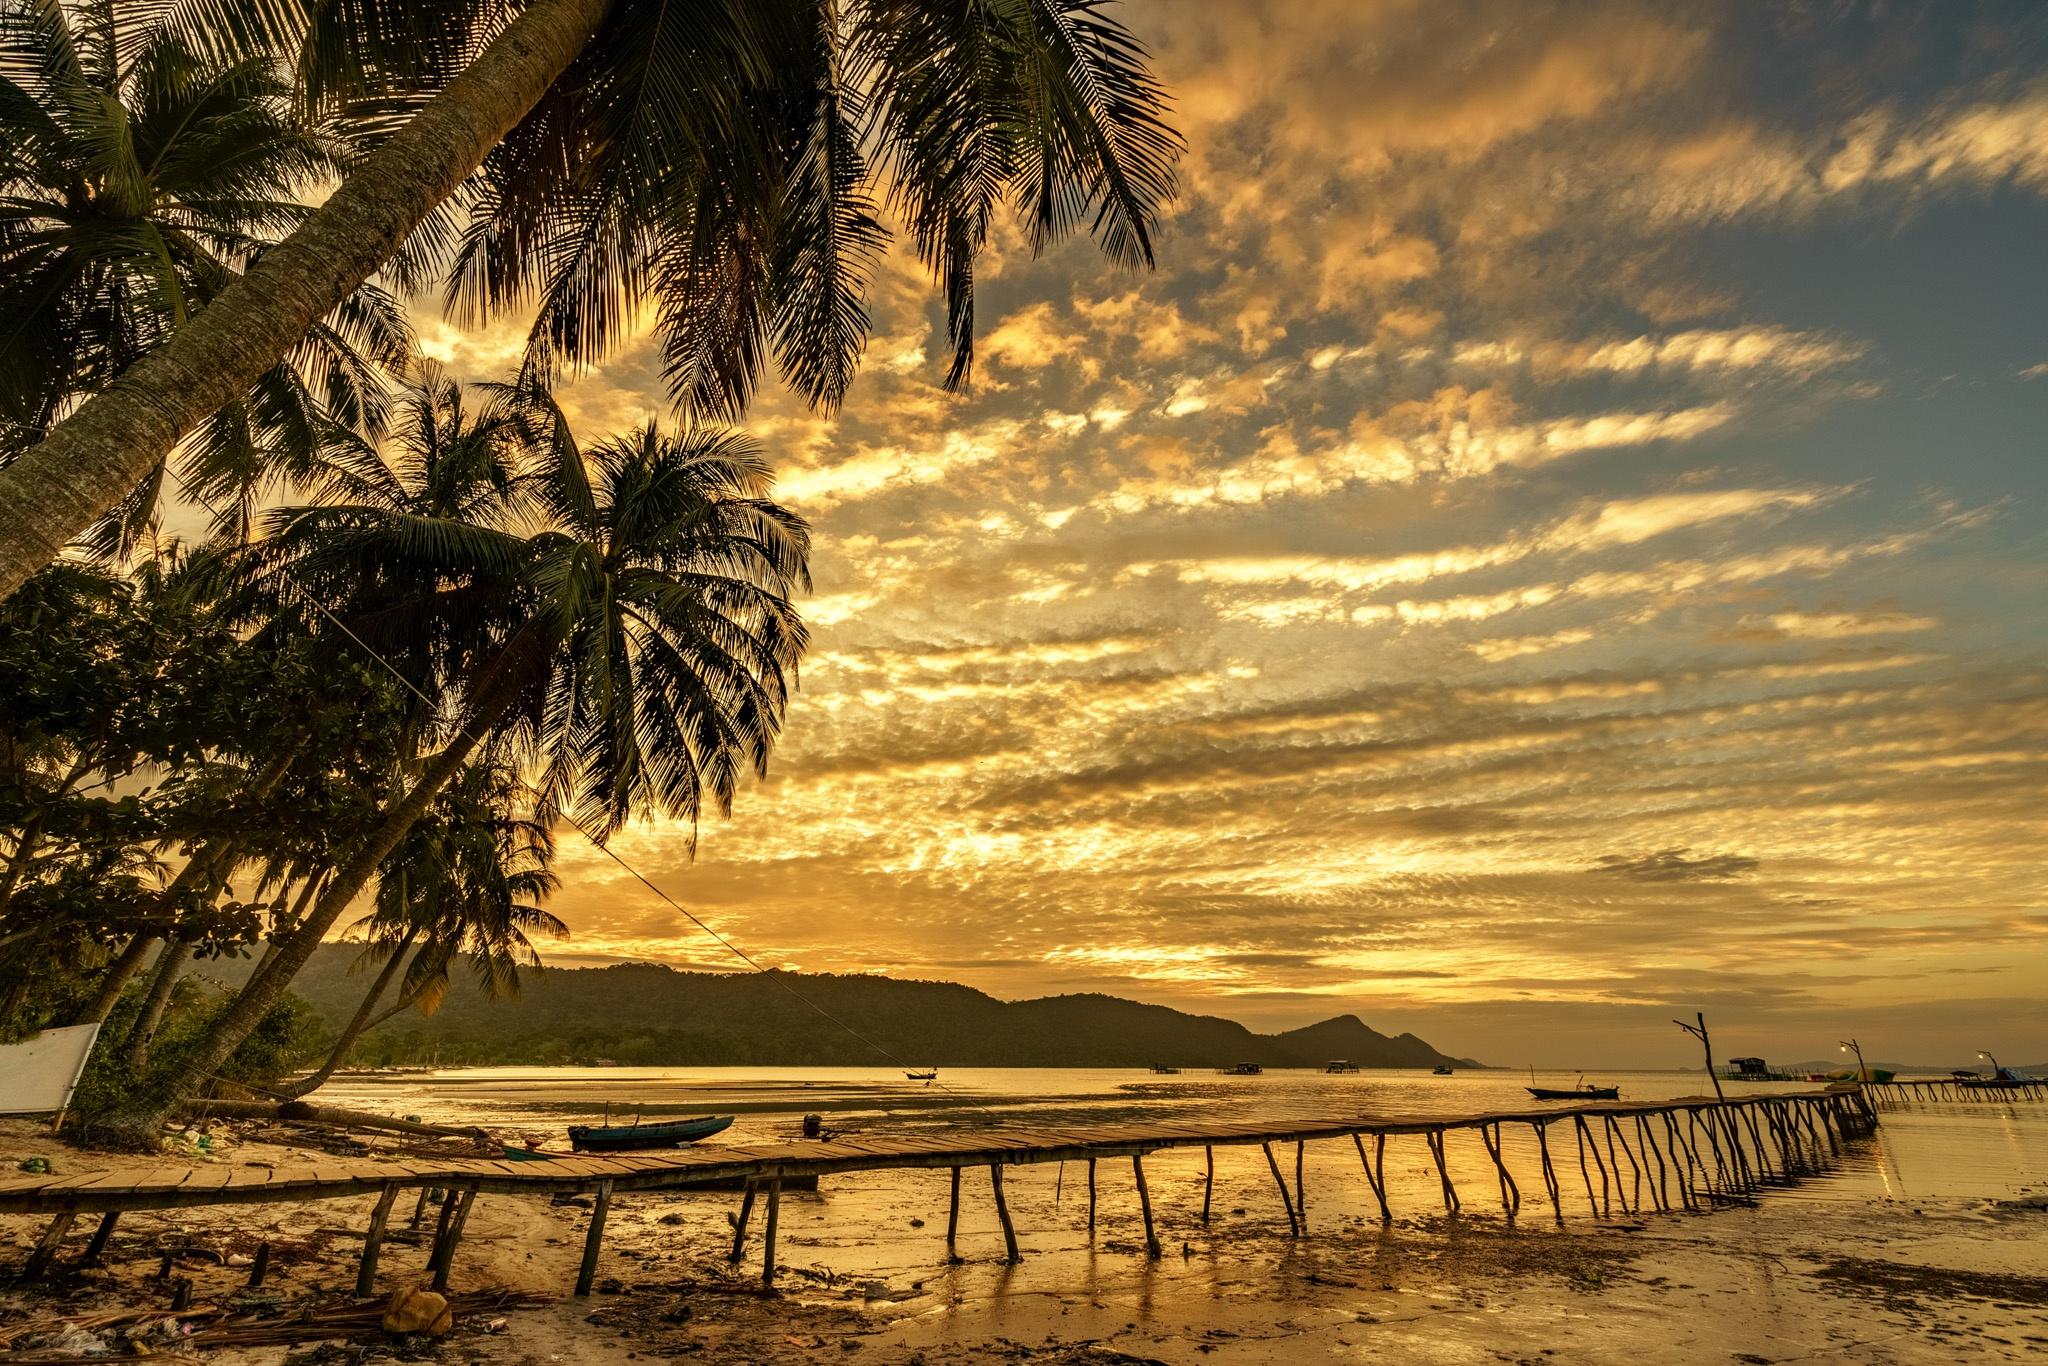 Chu du biển đảo Phú Quốc, ngắm vẻ đẹp giao hòa của tự nhiên - Ảnh 11.